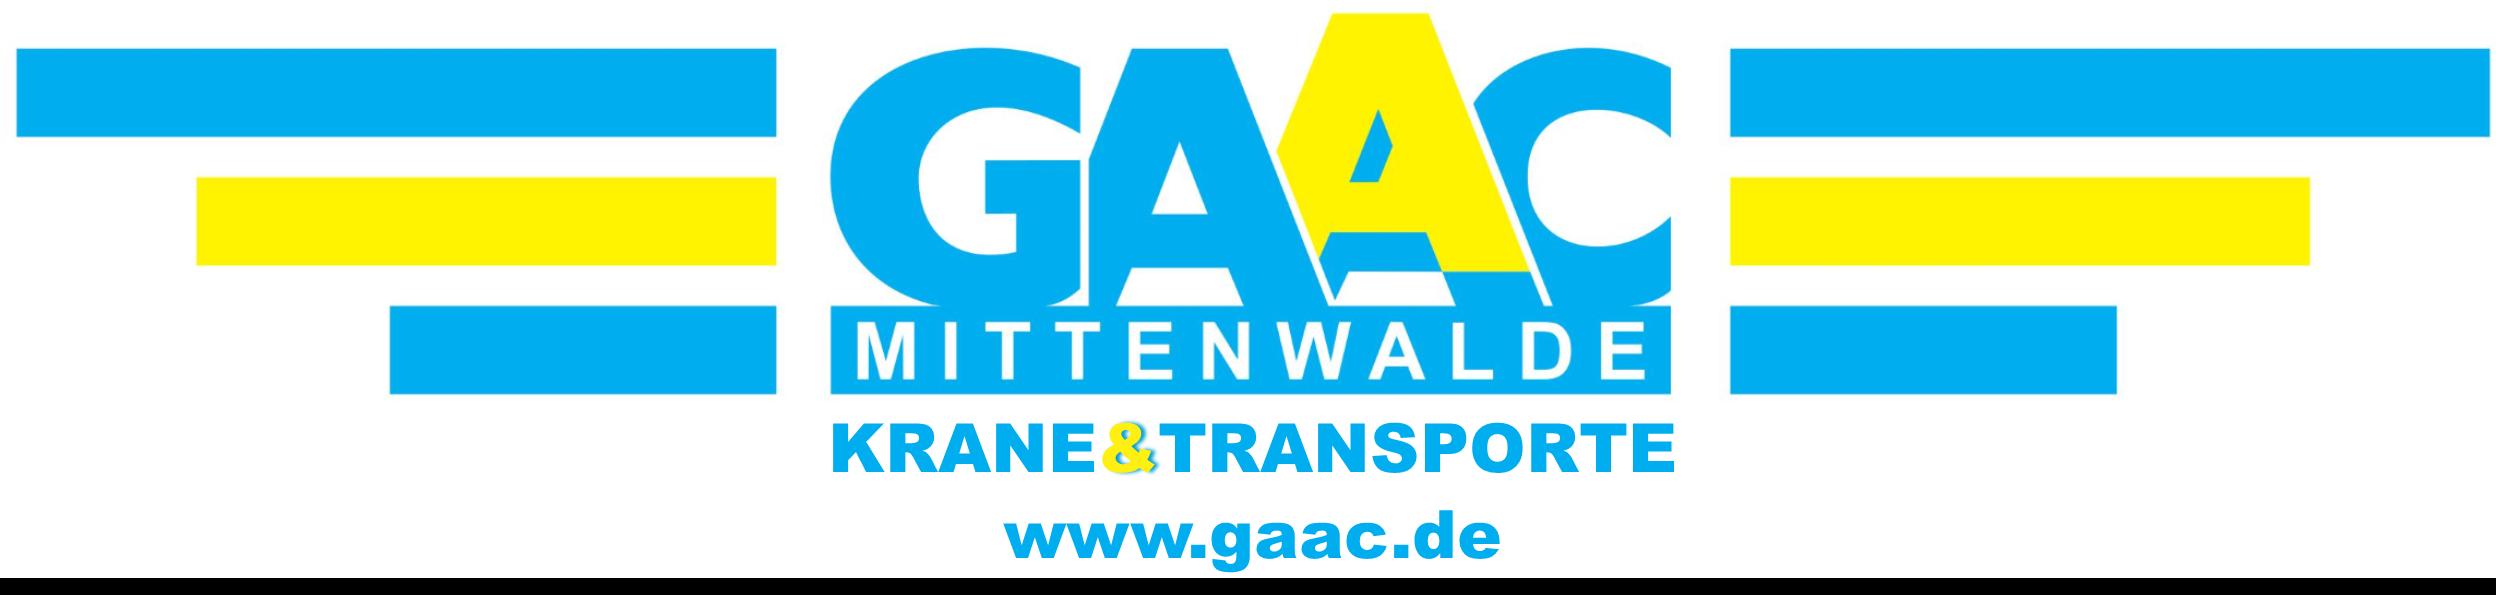 Kran und Transporte Logo GAAC